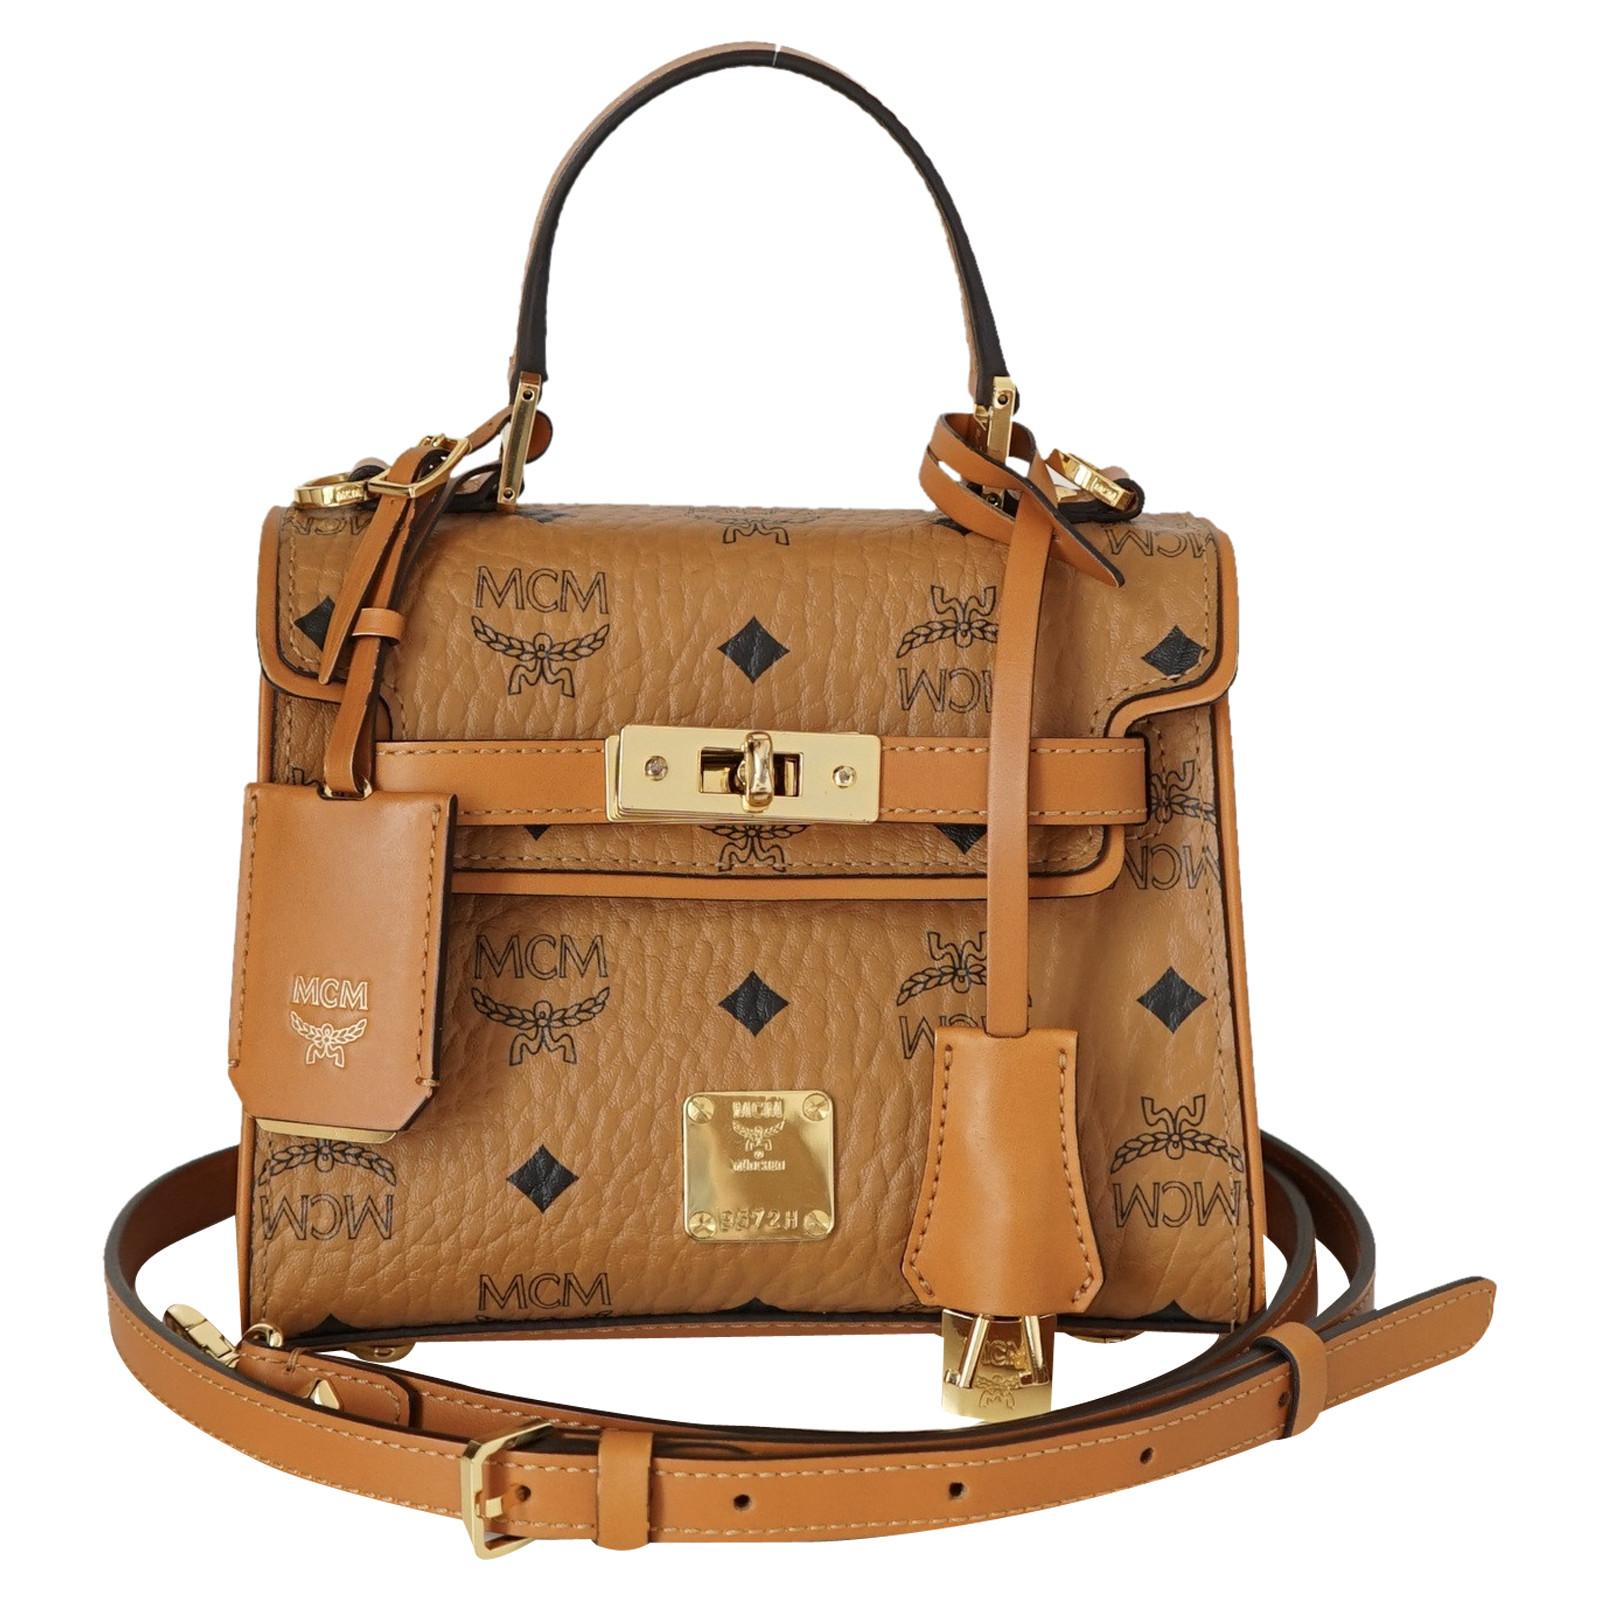 Mcm Handtasche aus Canvas Second Hand Mcm Handtasche aus